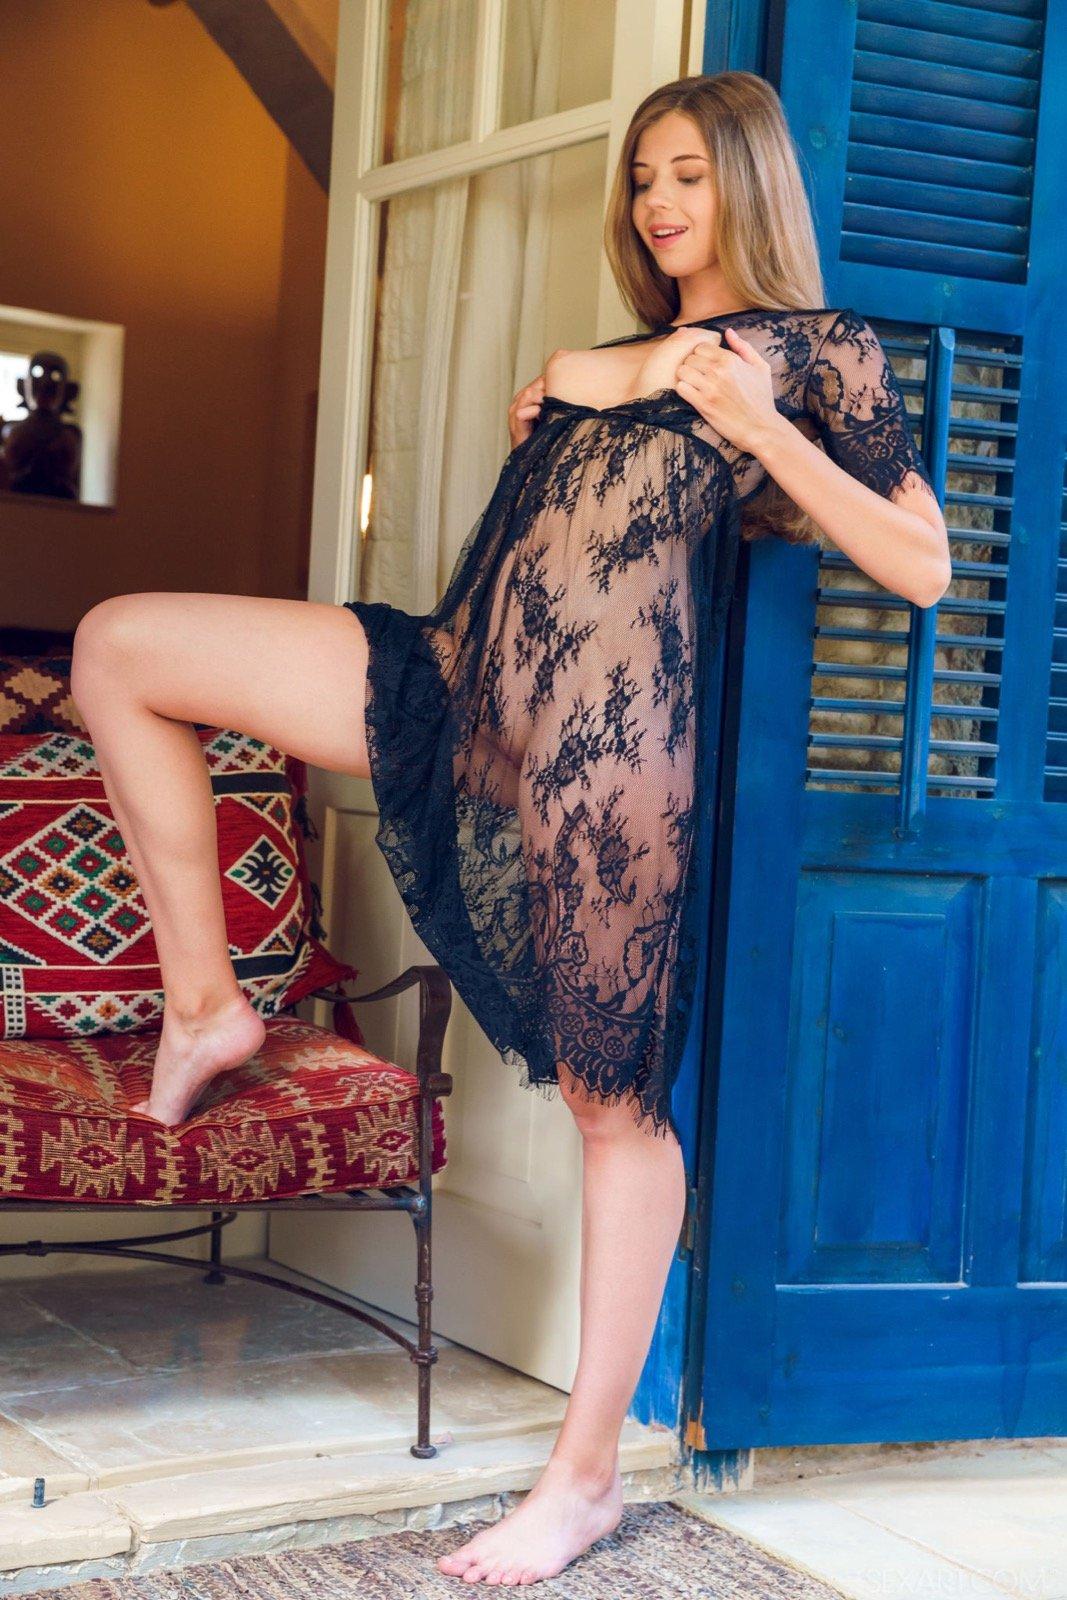 Соблазнительная красавица в прозрачном кружевном платье